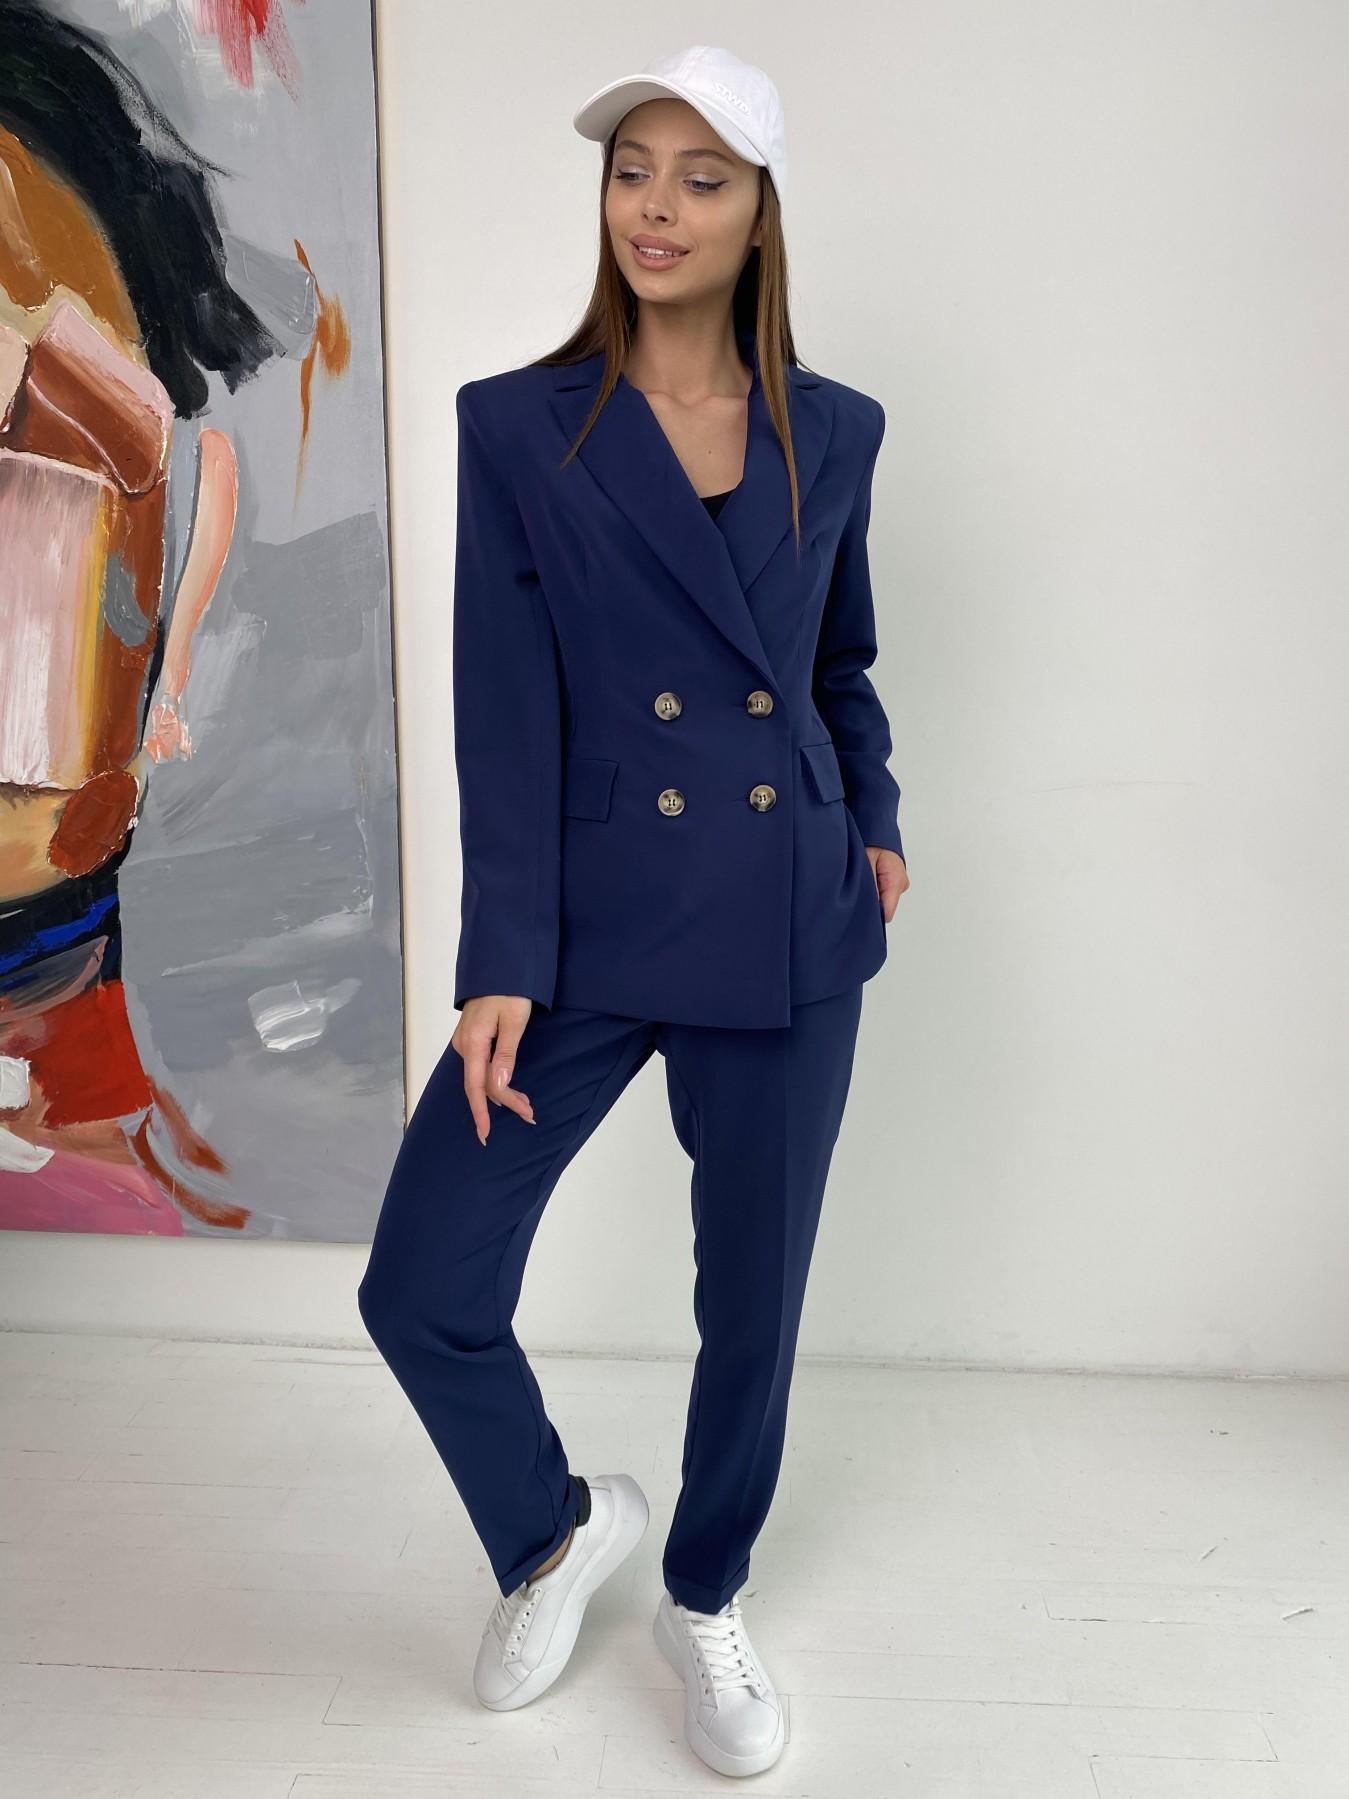 Франко костюм из костюмной ткани 11090 АРТ. 47972 Цвет: Т.синий - фото 5, интернет магазин tm-modus.ru